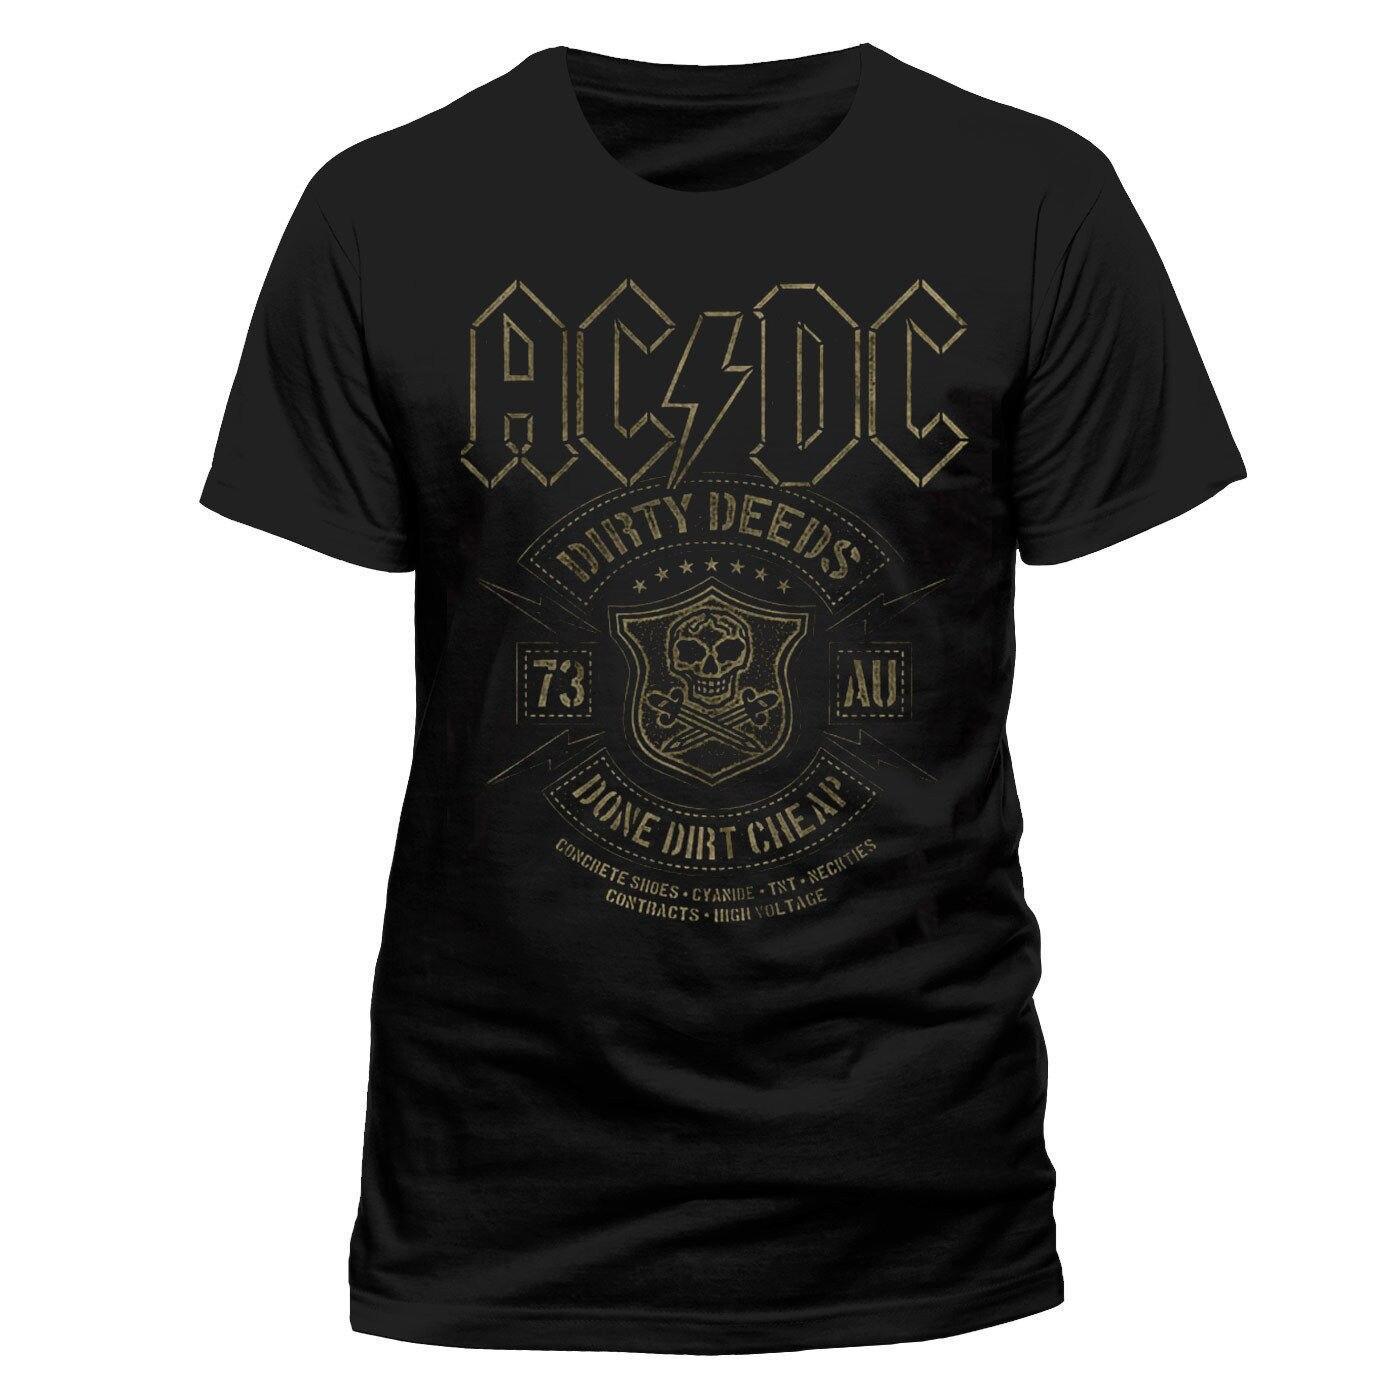 Gildan Official AC/DC - Dirty Deeds Done Cheap - Mens Black T-Shirt